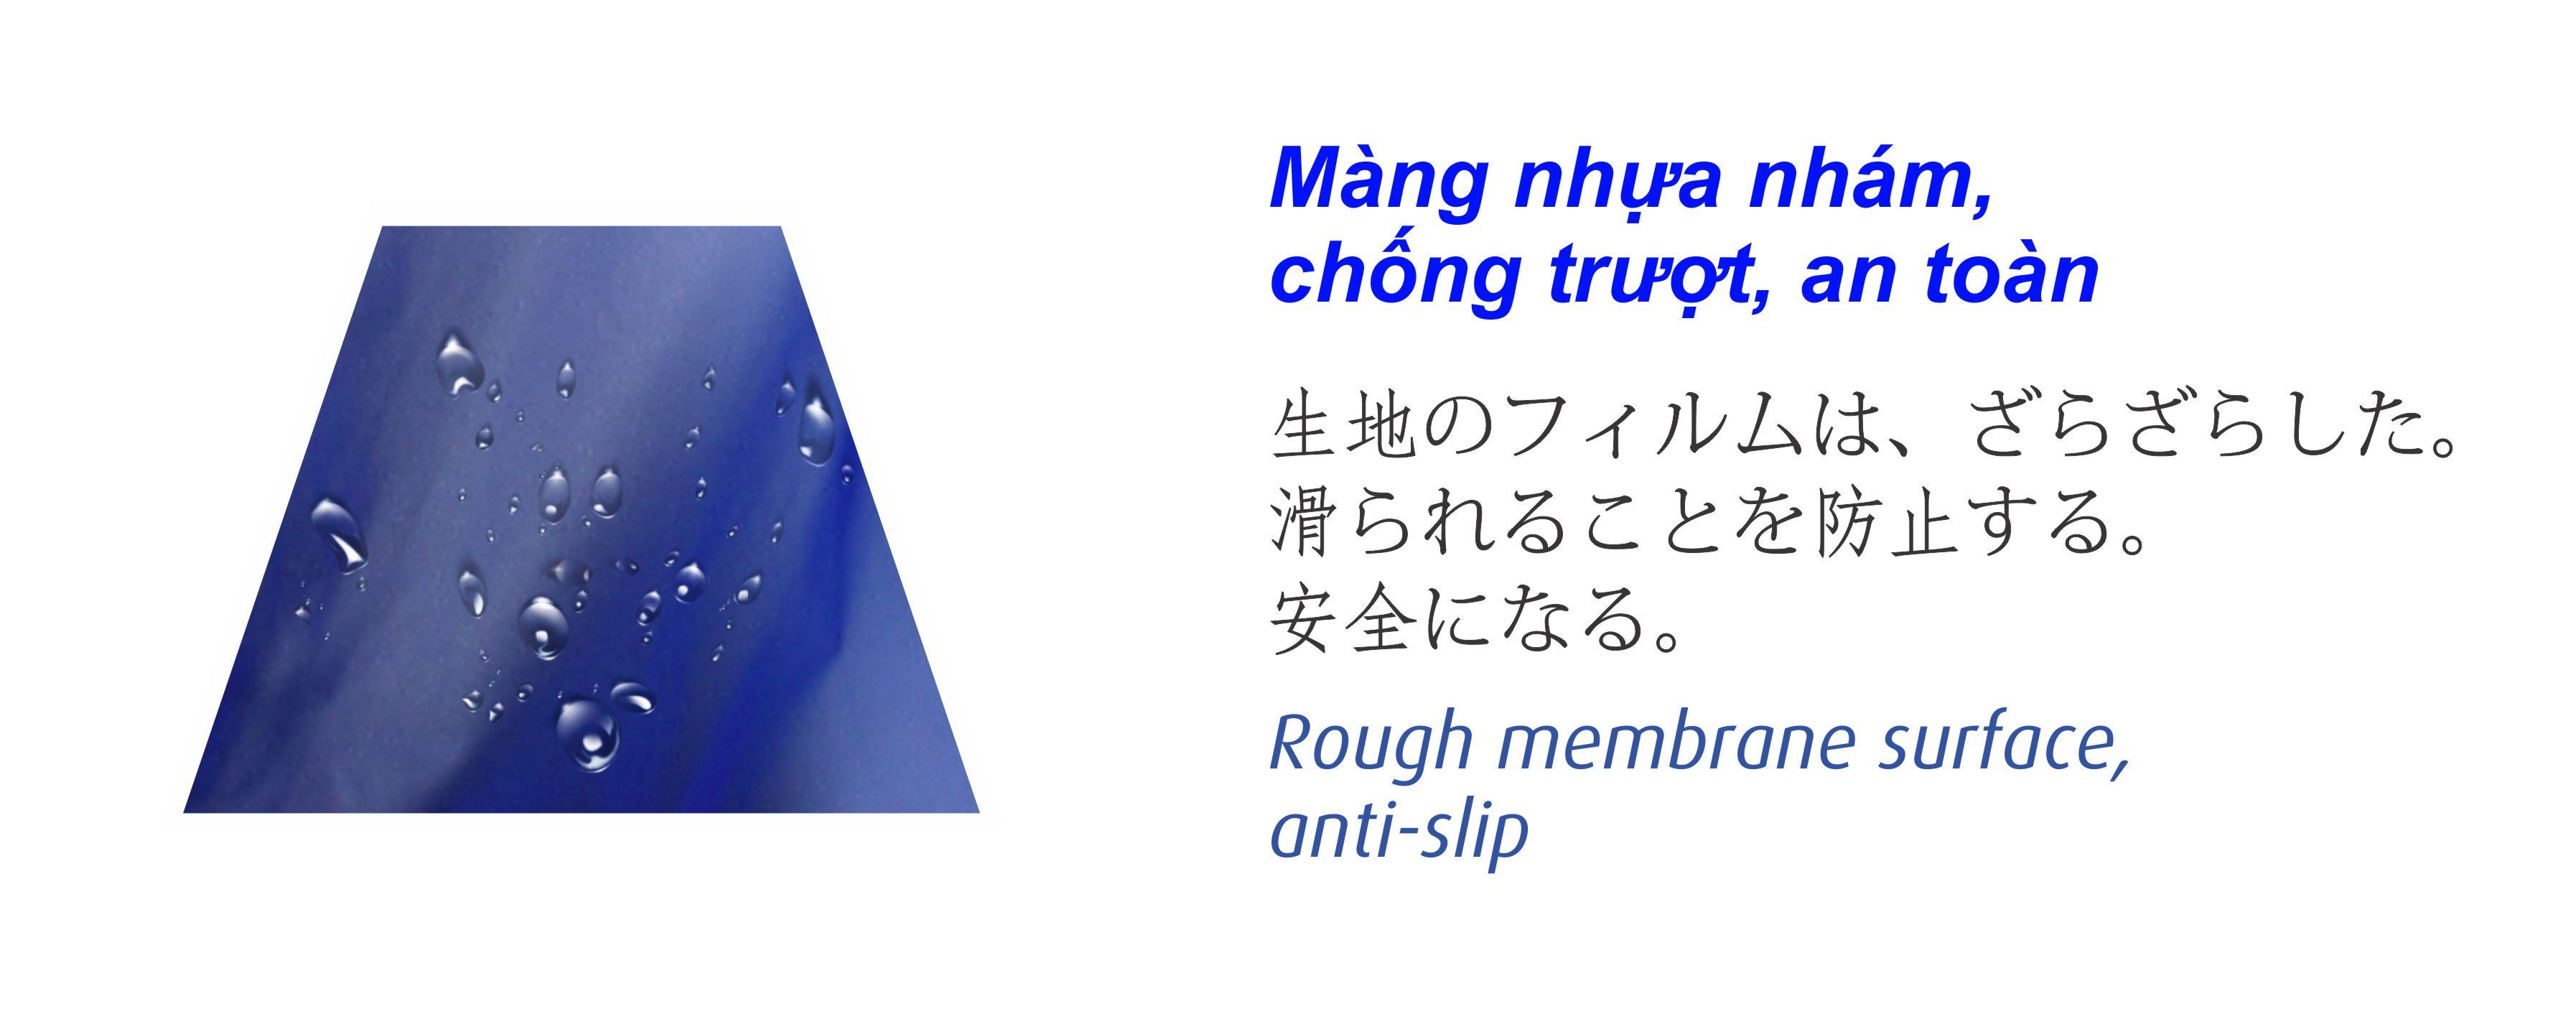 Bộ áo mưa trong màu thời trang - RANDO